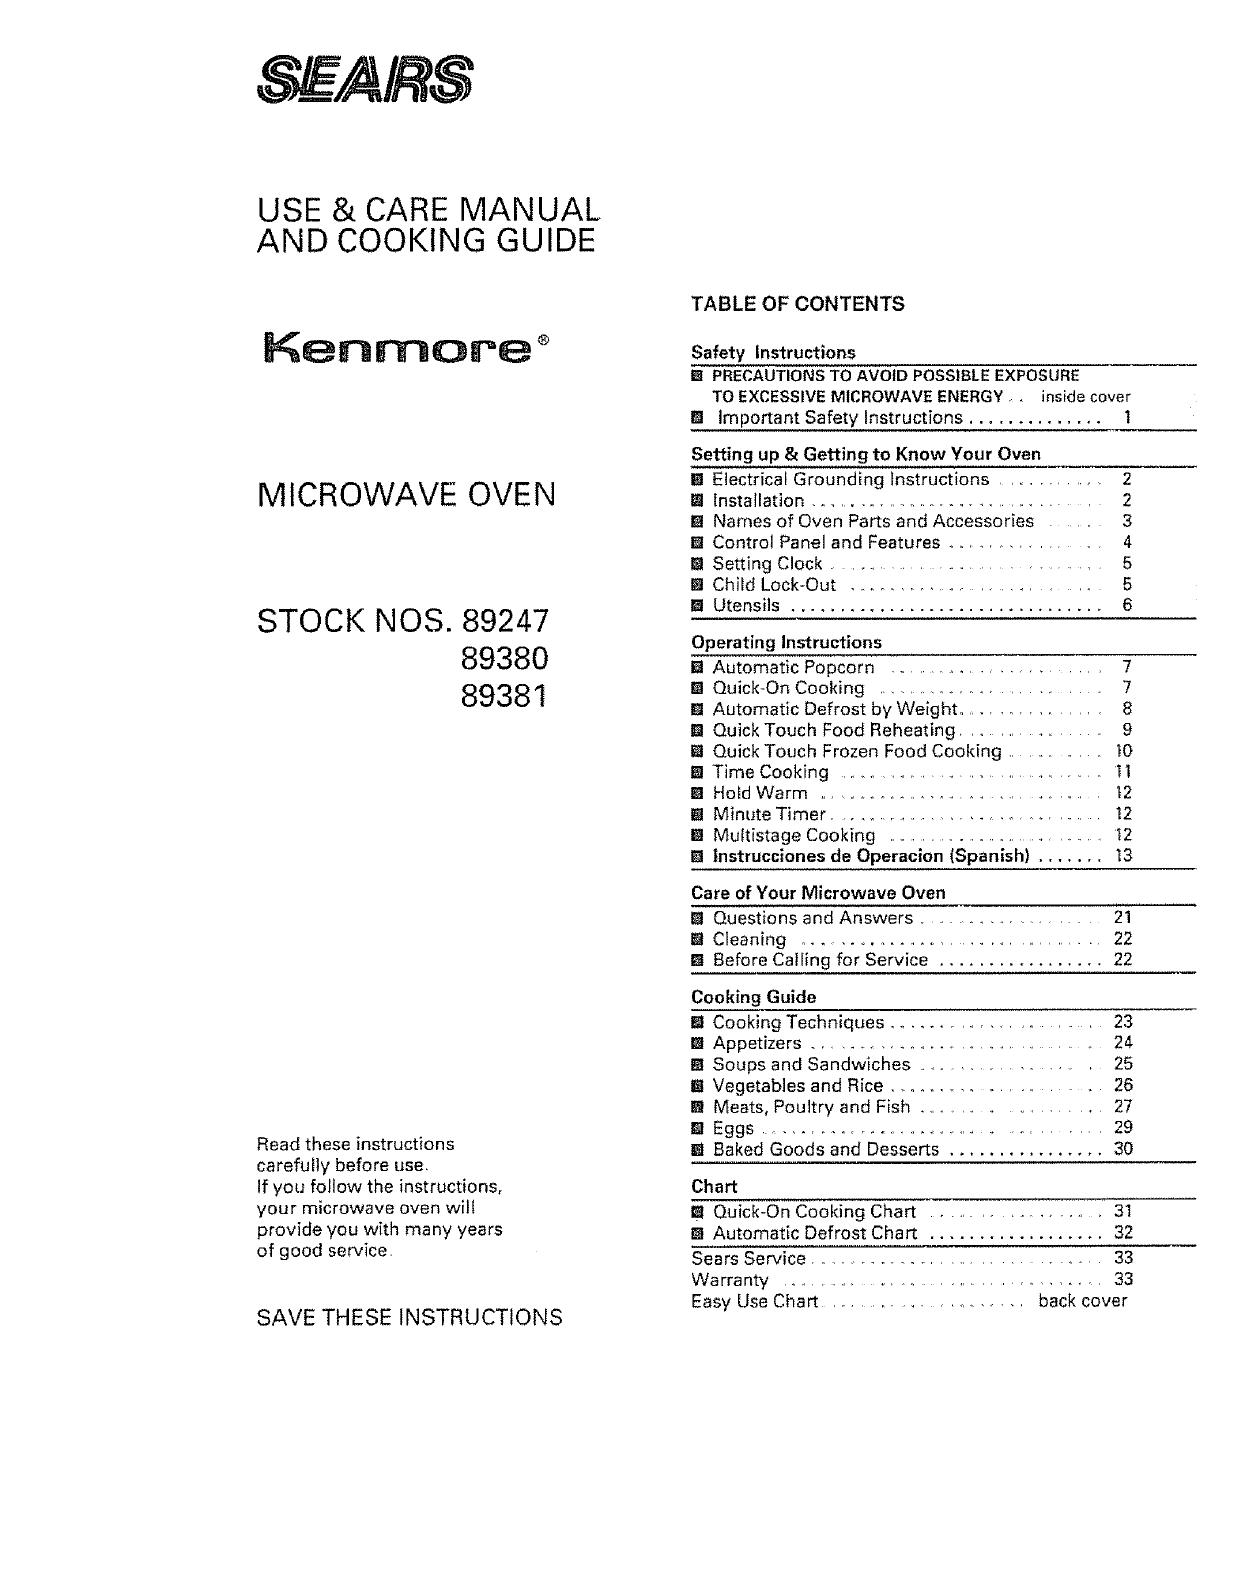 Kenmore 5658924790 User Manual